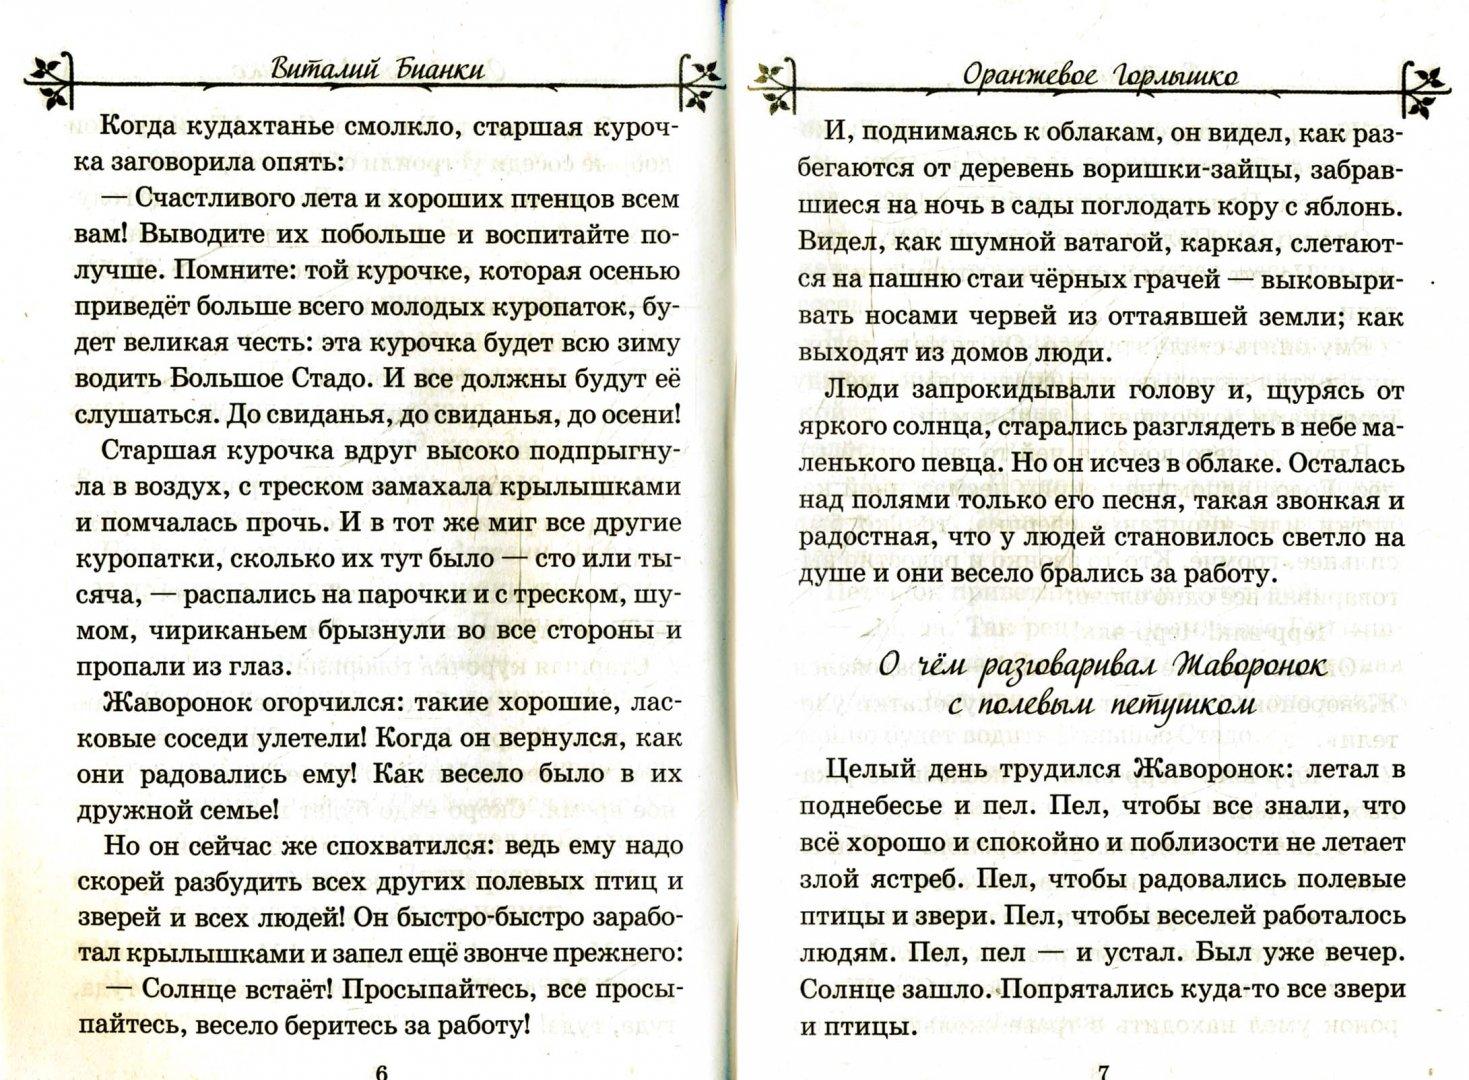 Иллюстрация 1 из 10 для Оранжевое Горлышко - Виталий Бианки | Лабиринт - книги. Источник: Лабиринт